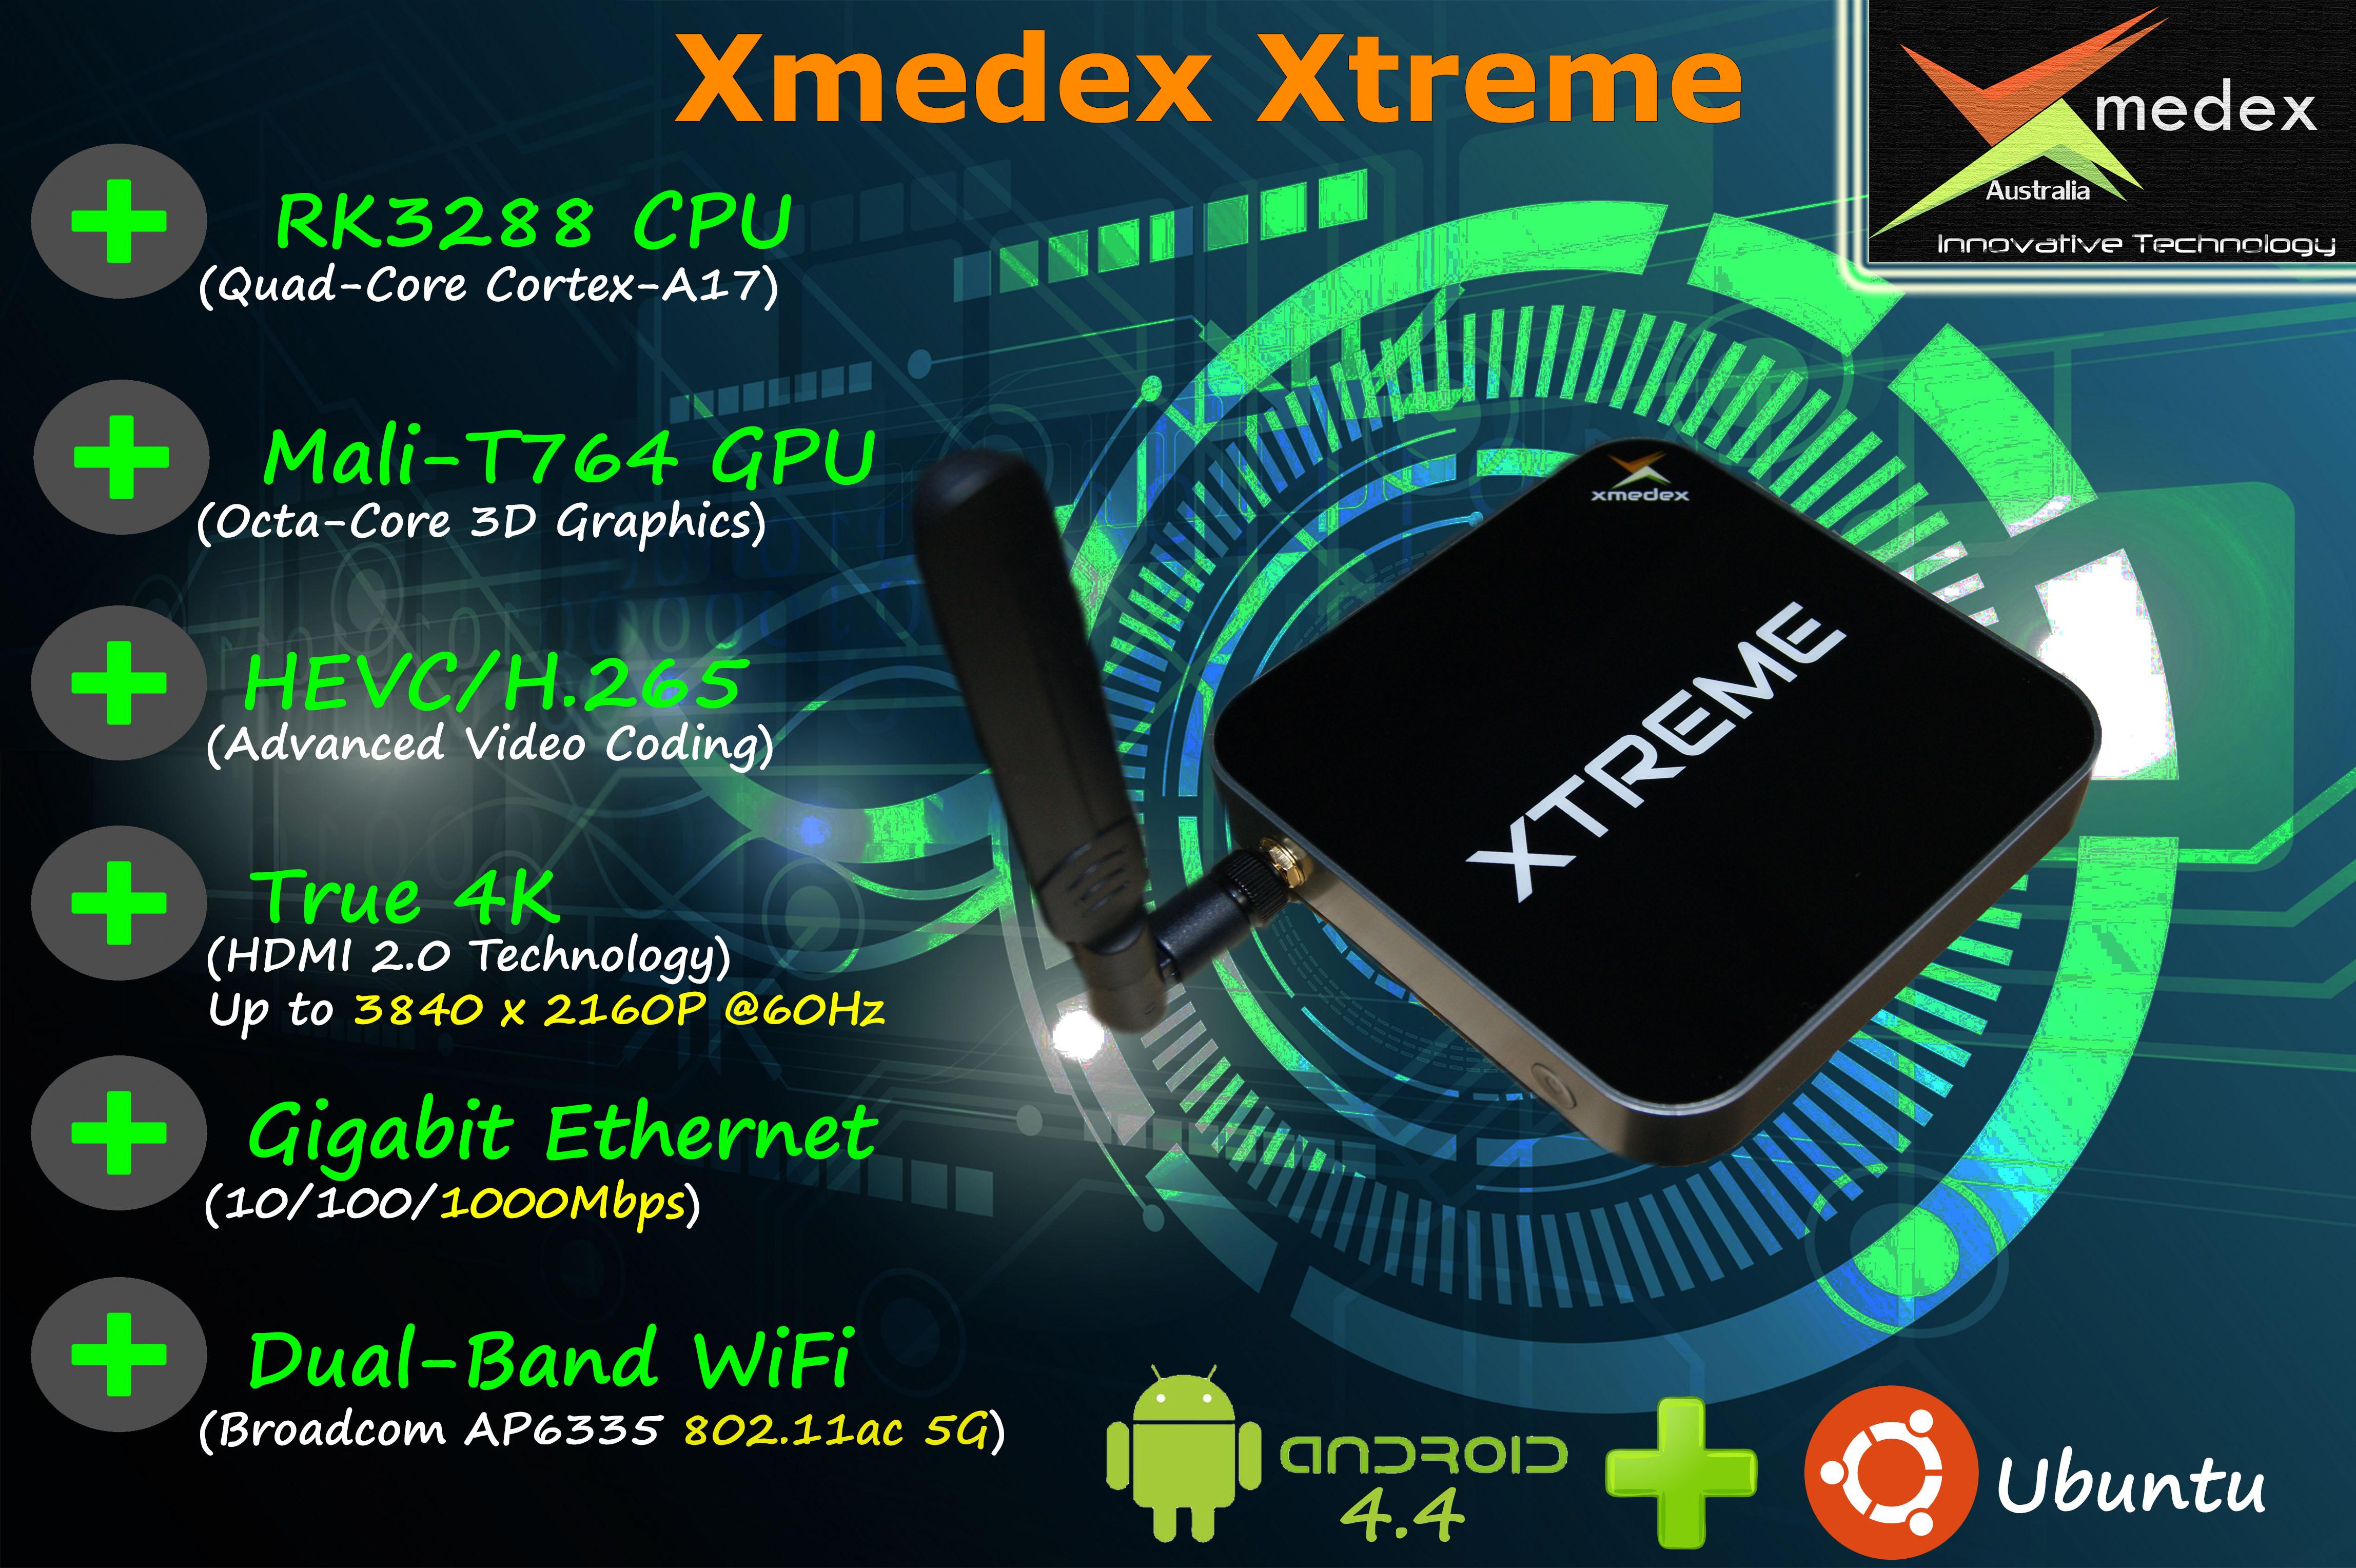 Xmedex Xtreme RK3288